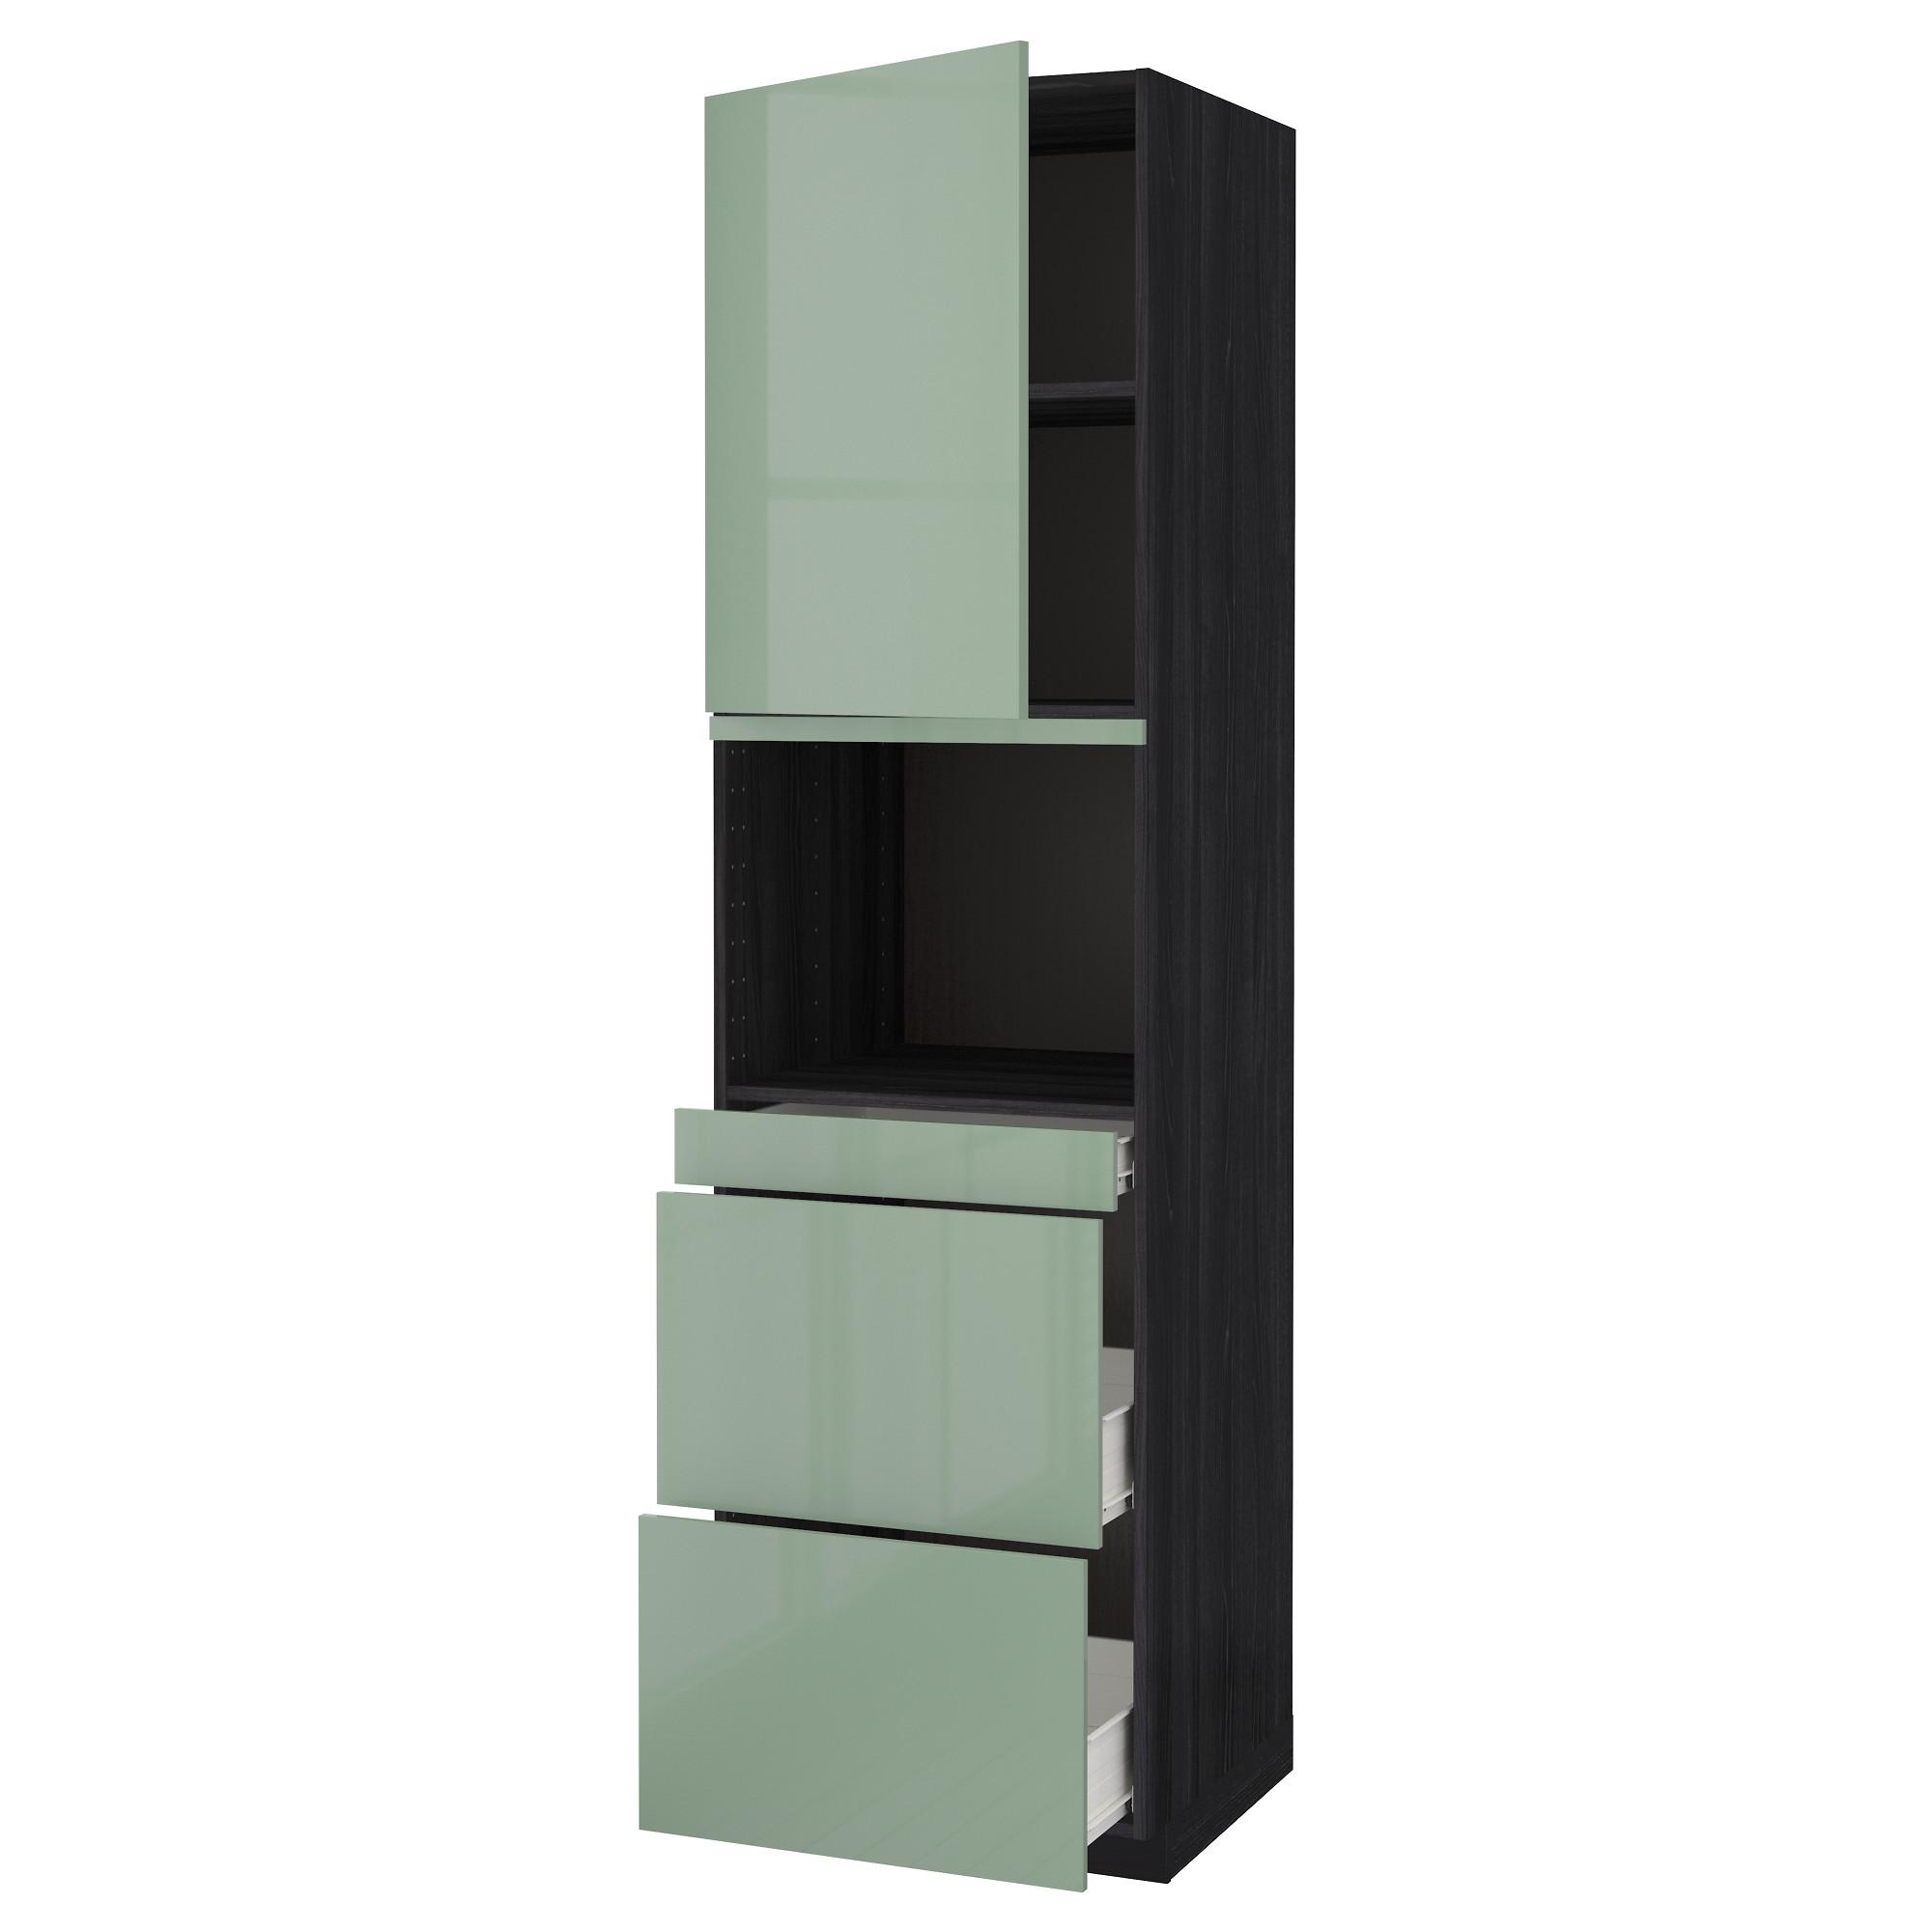 Высокий шкаф для СВЧ/дверца, 3 ящика МЕТОД / ФОРВАРА черный артикуль № 992.664.25 в наличии. Онлайн каталог IKEA Республика Беларусь. Недорогая доставка и установка.